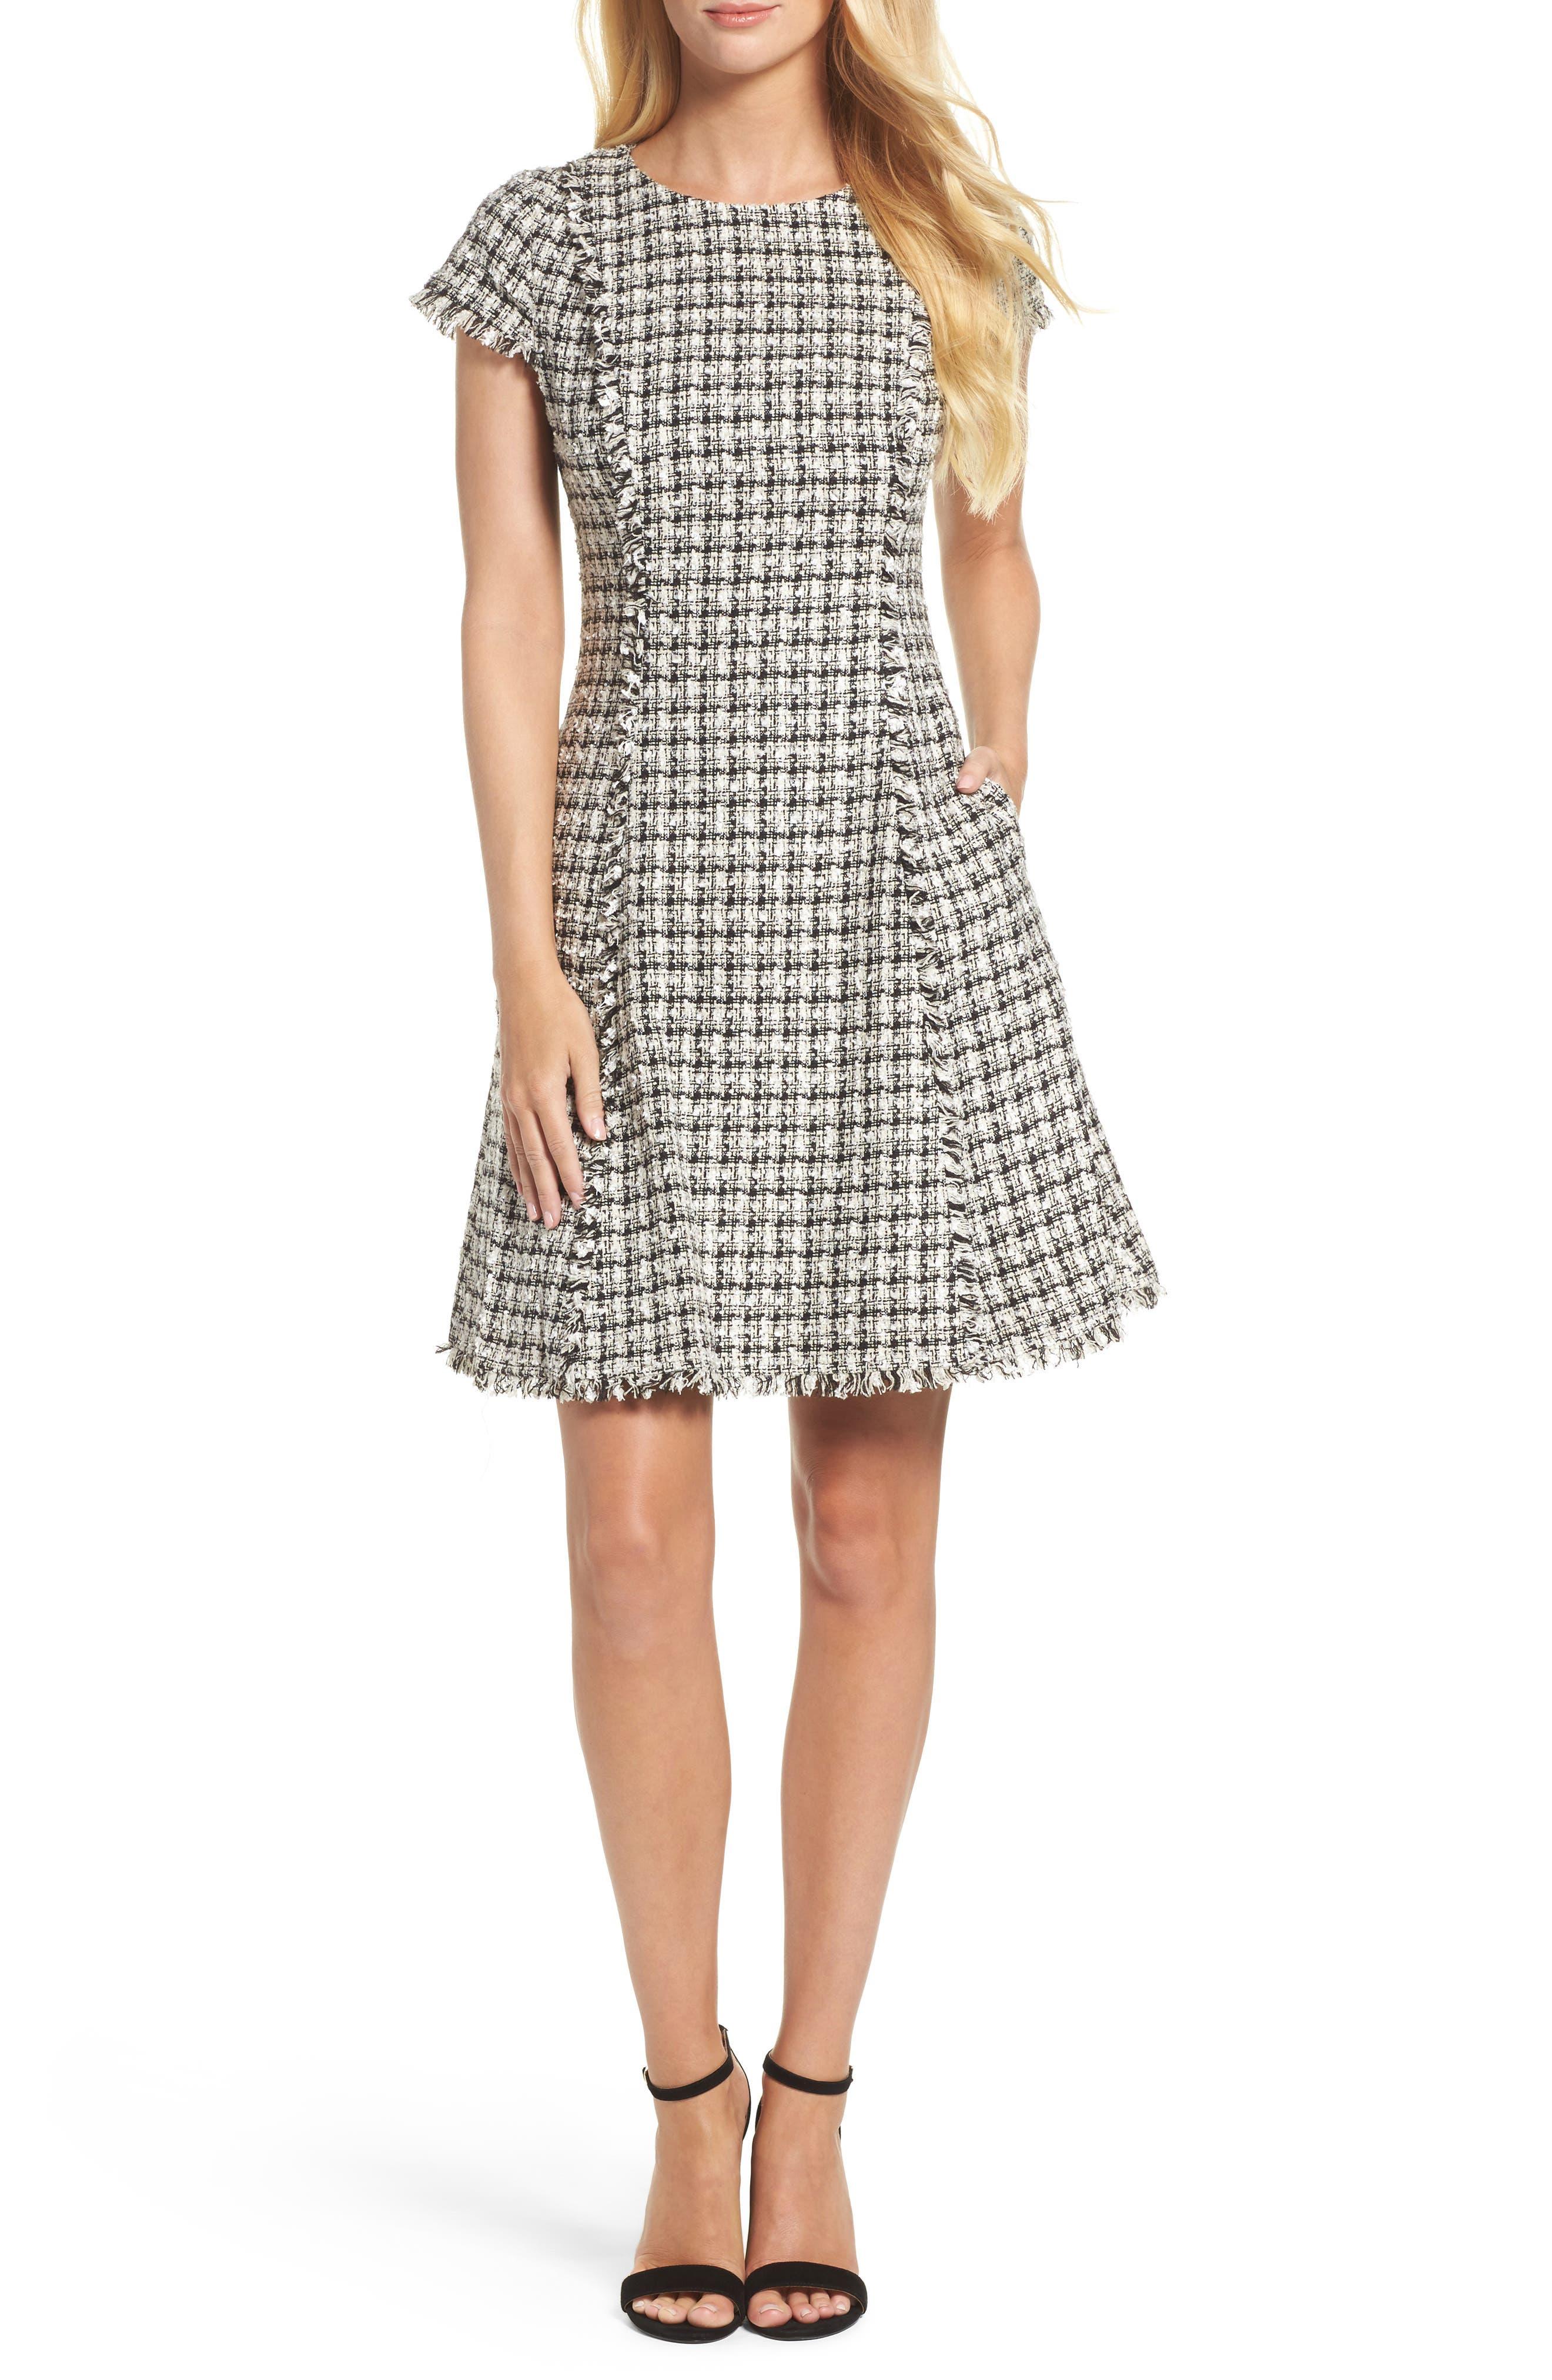 Eliza J Houndstooth Fit & Flare Dress